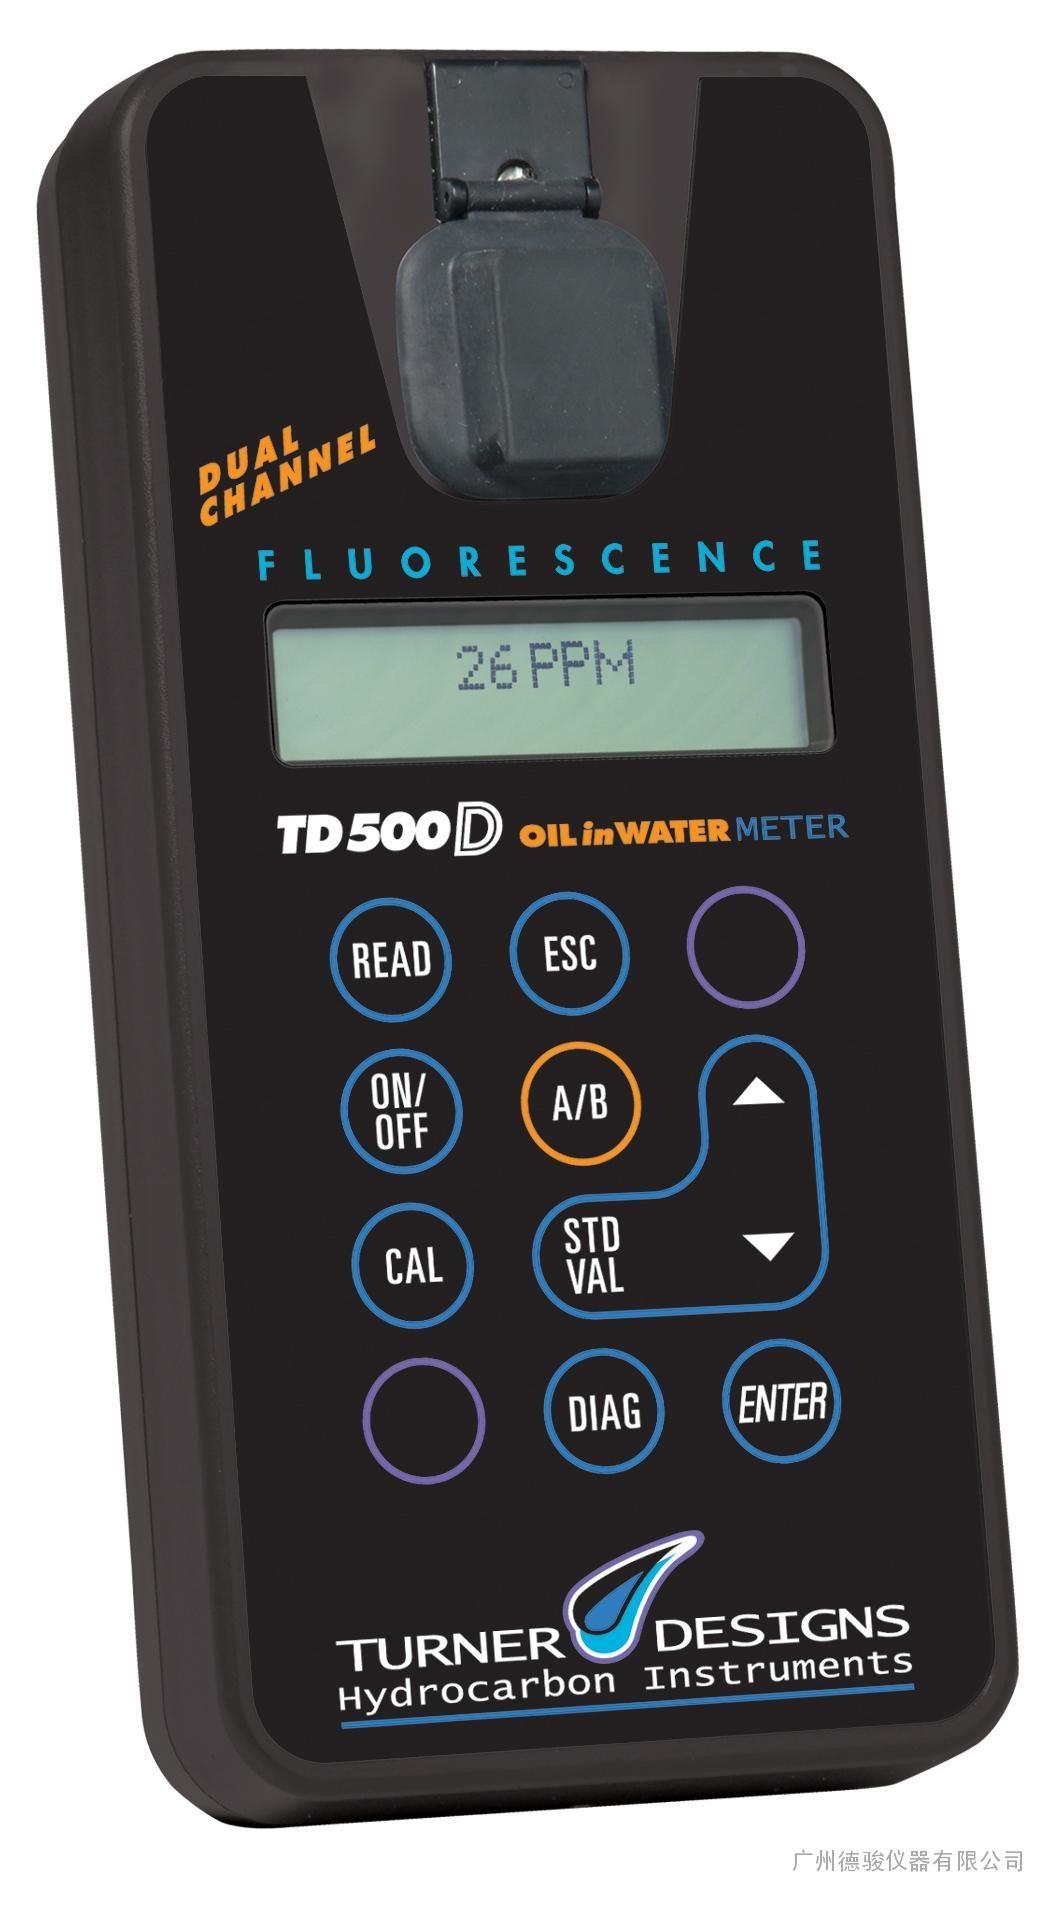 水中测油仪TD-500D(水污染应急监测仪)